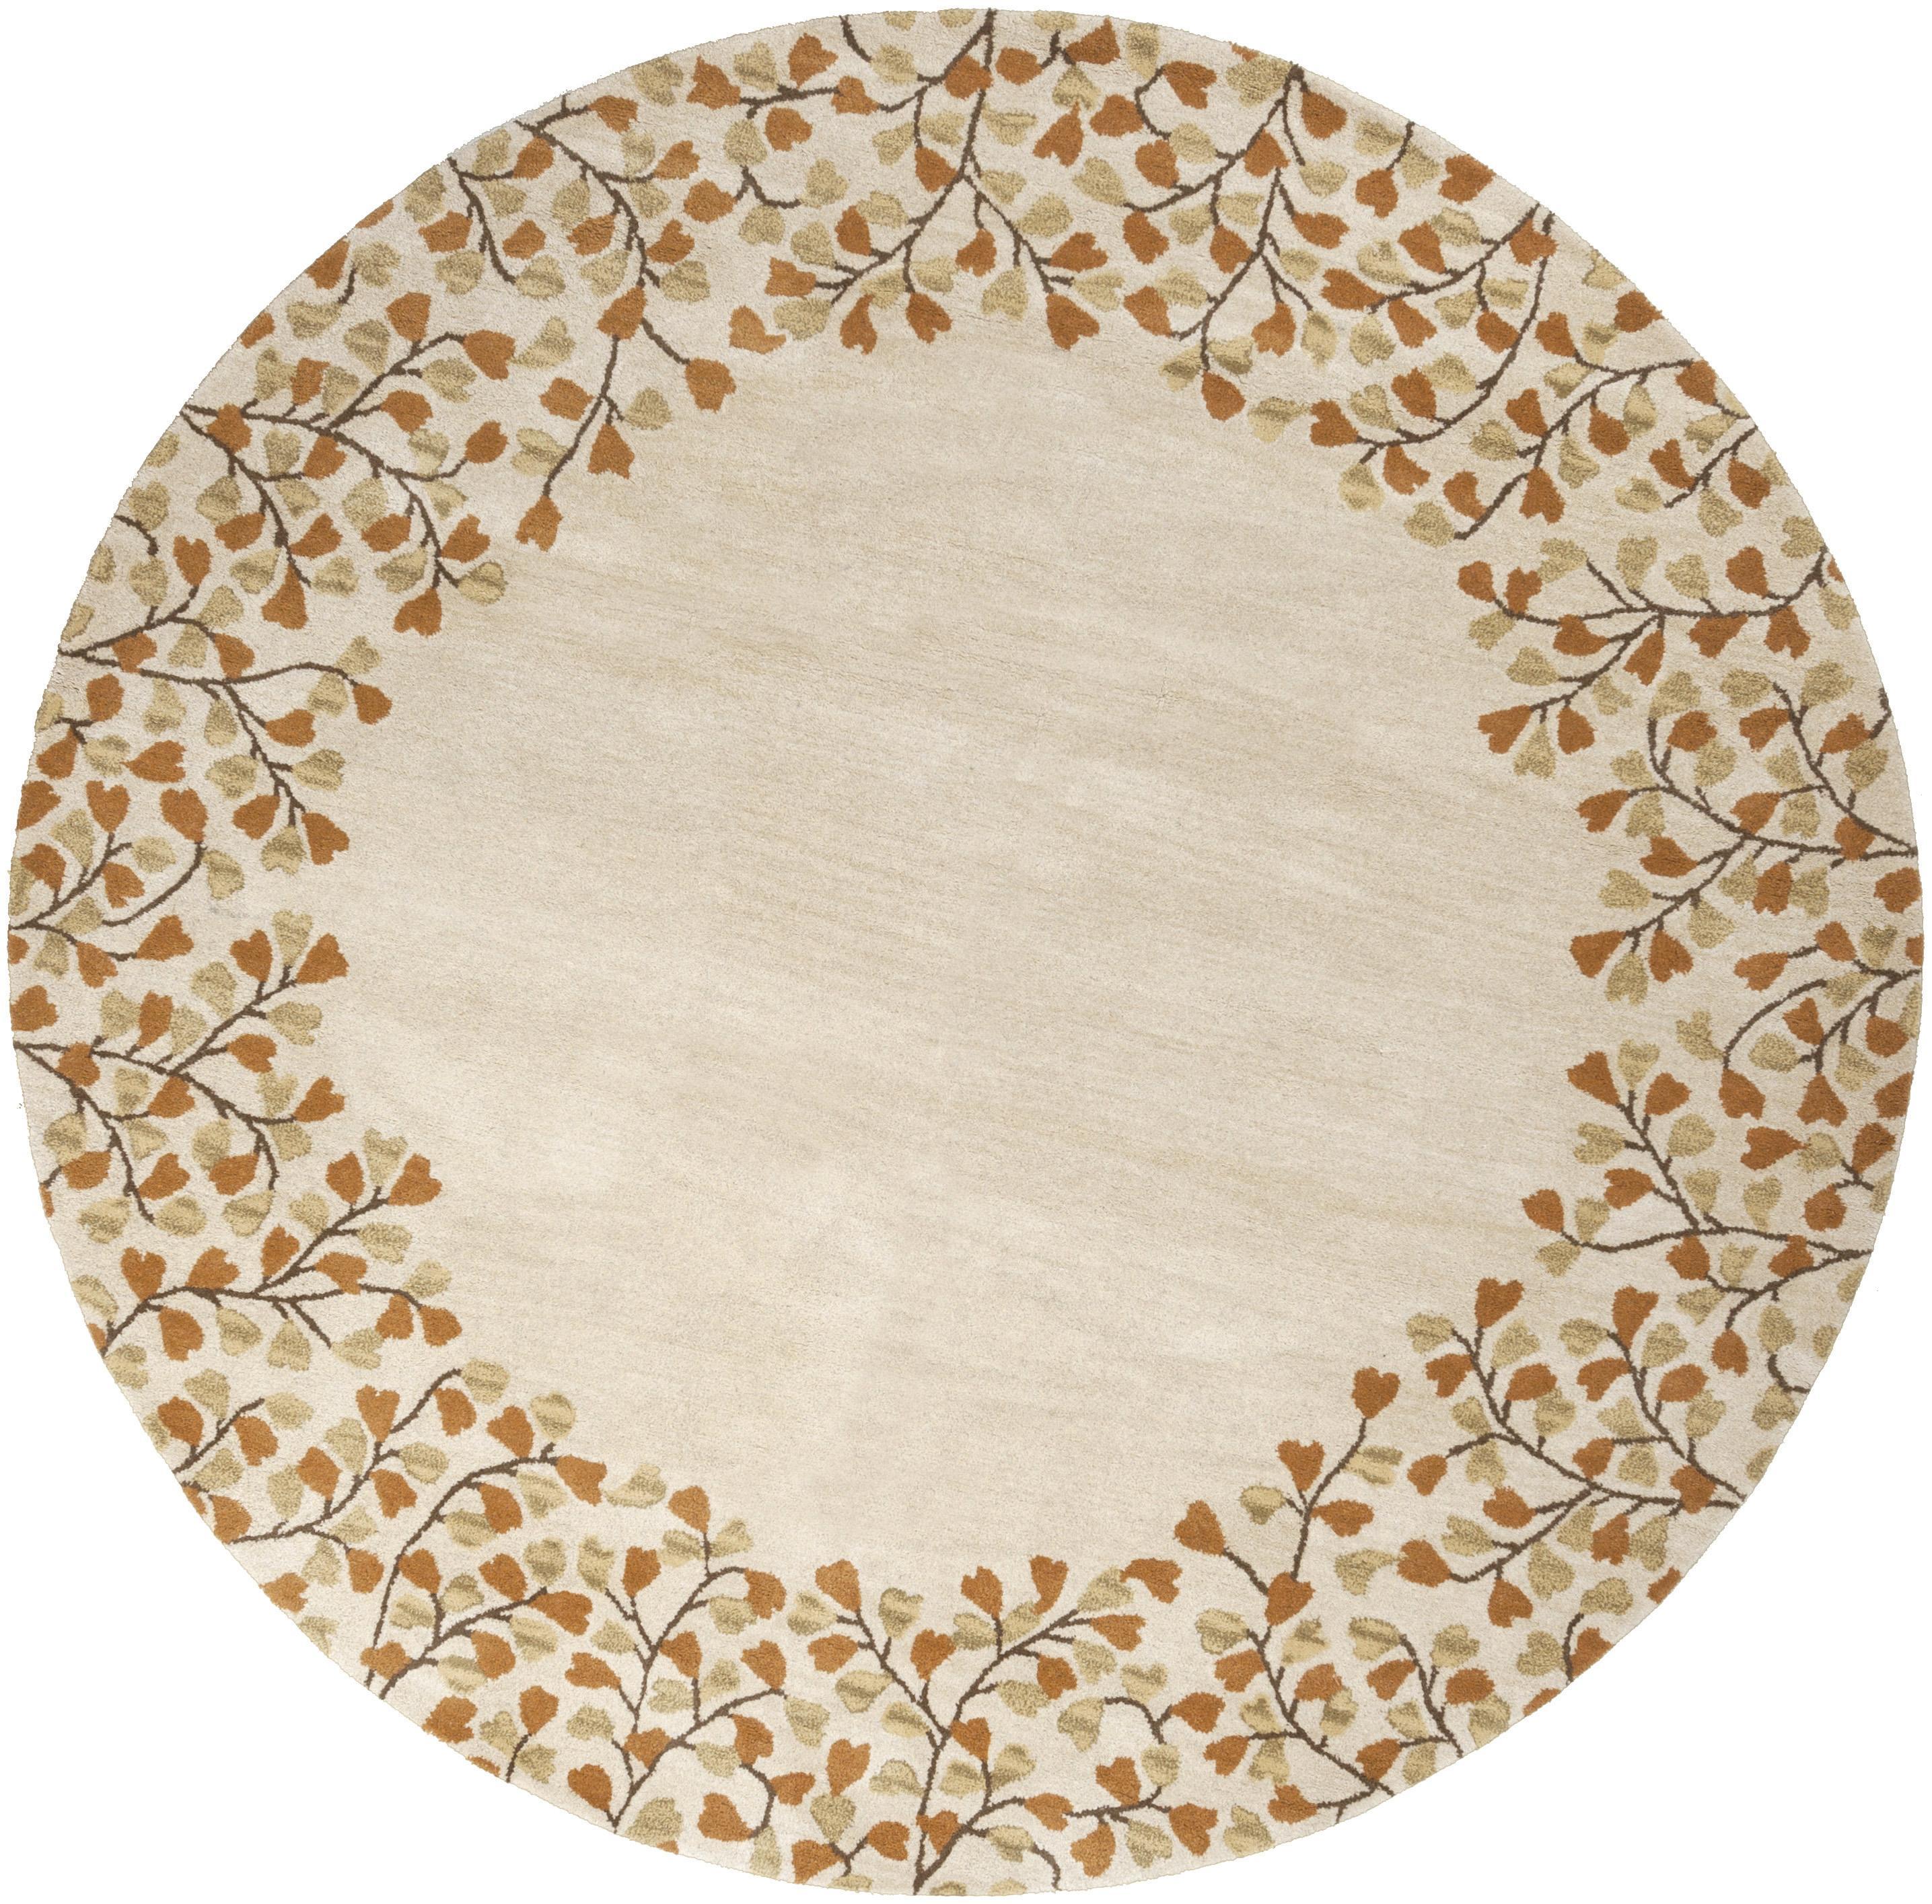 Surya Athena 8' Round - Item Number: ATH5118-8RD